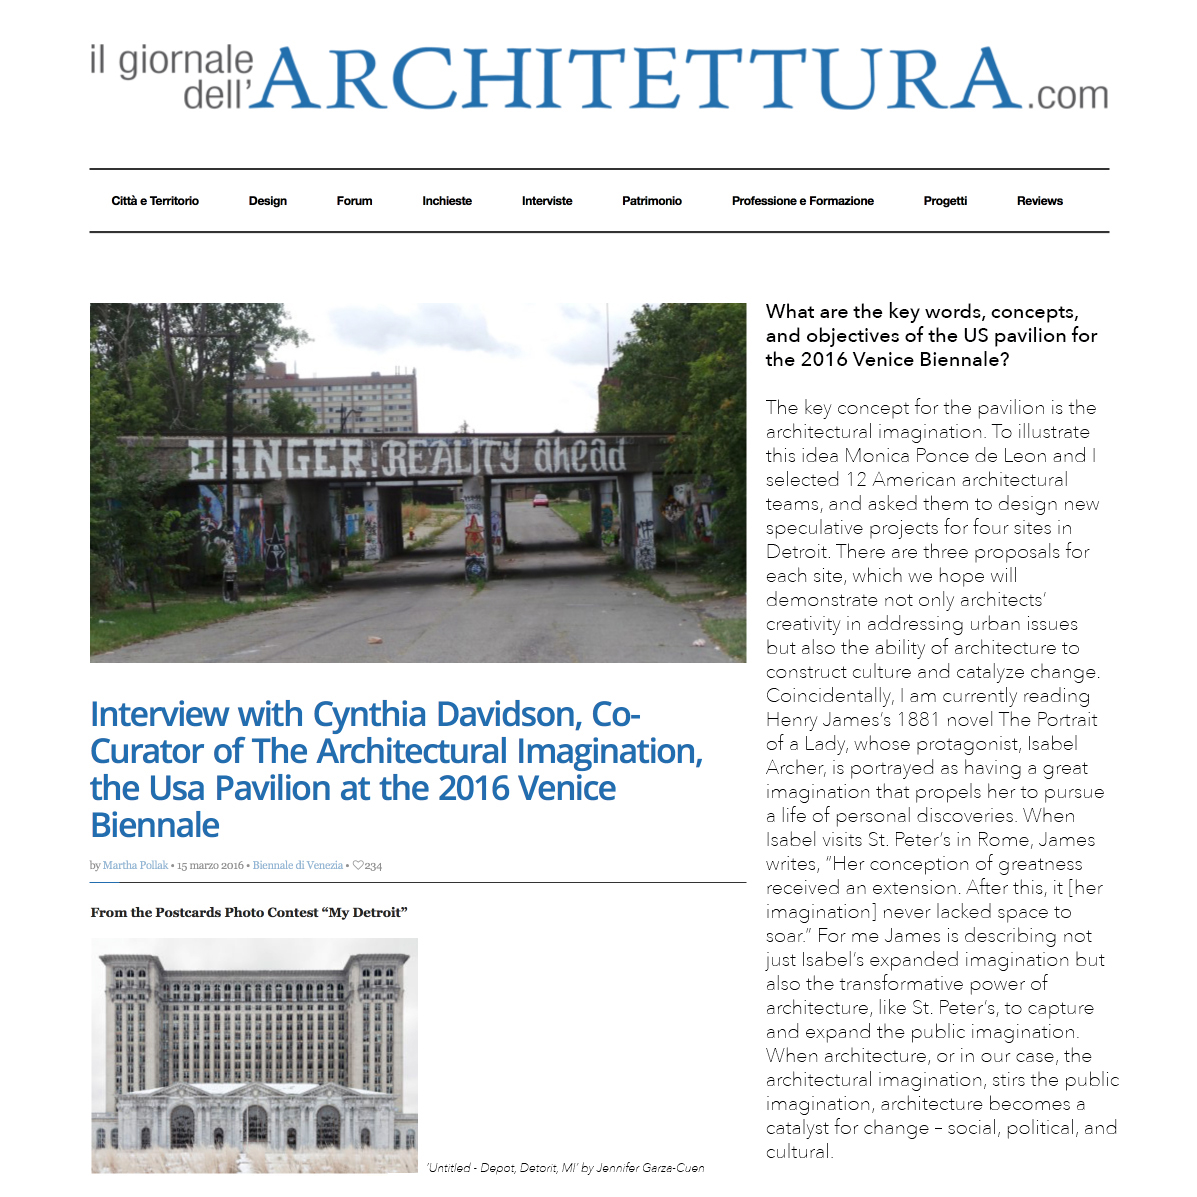 architettura_001.jpg